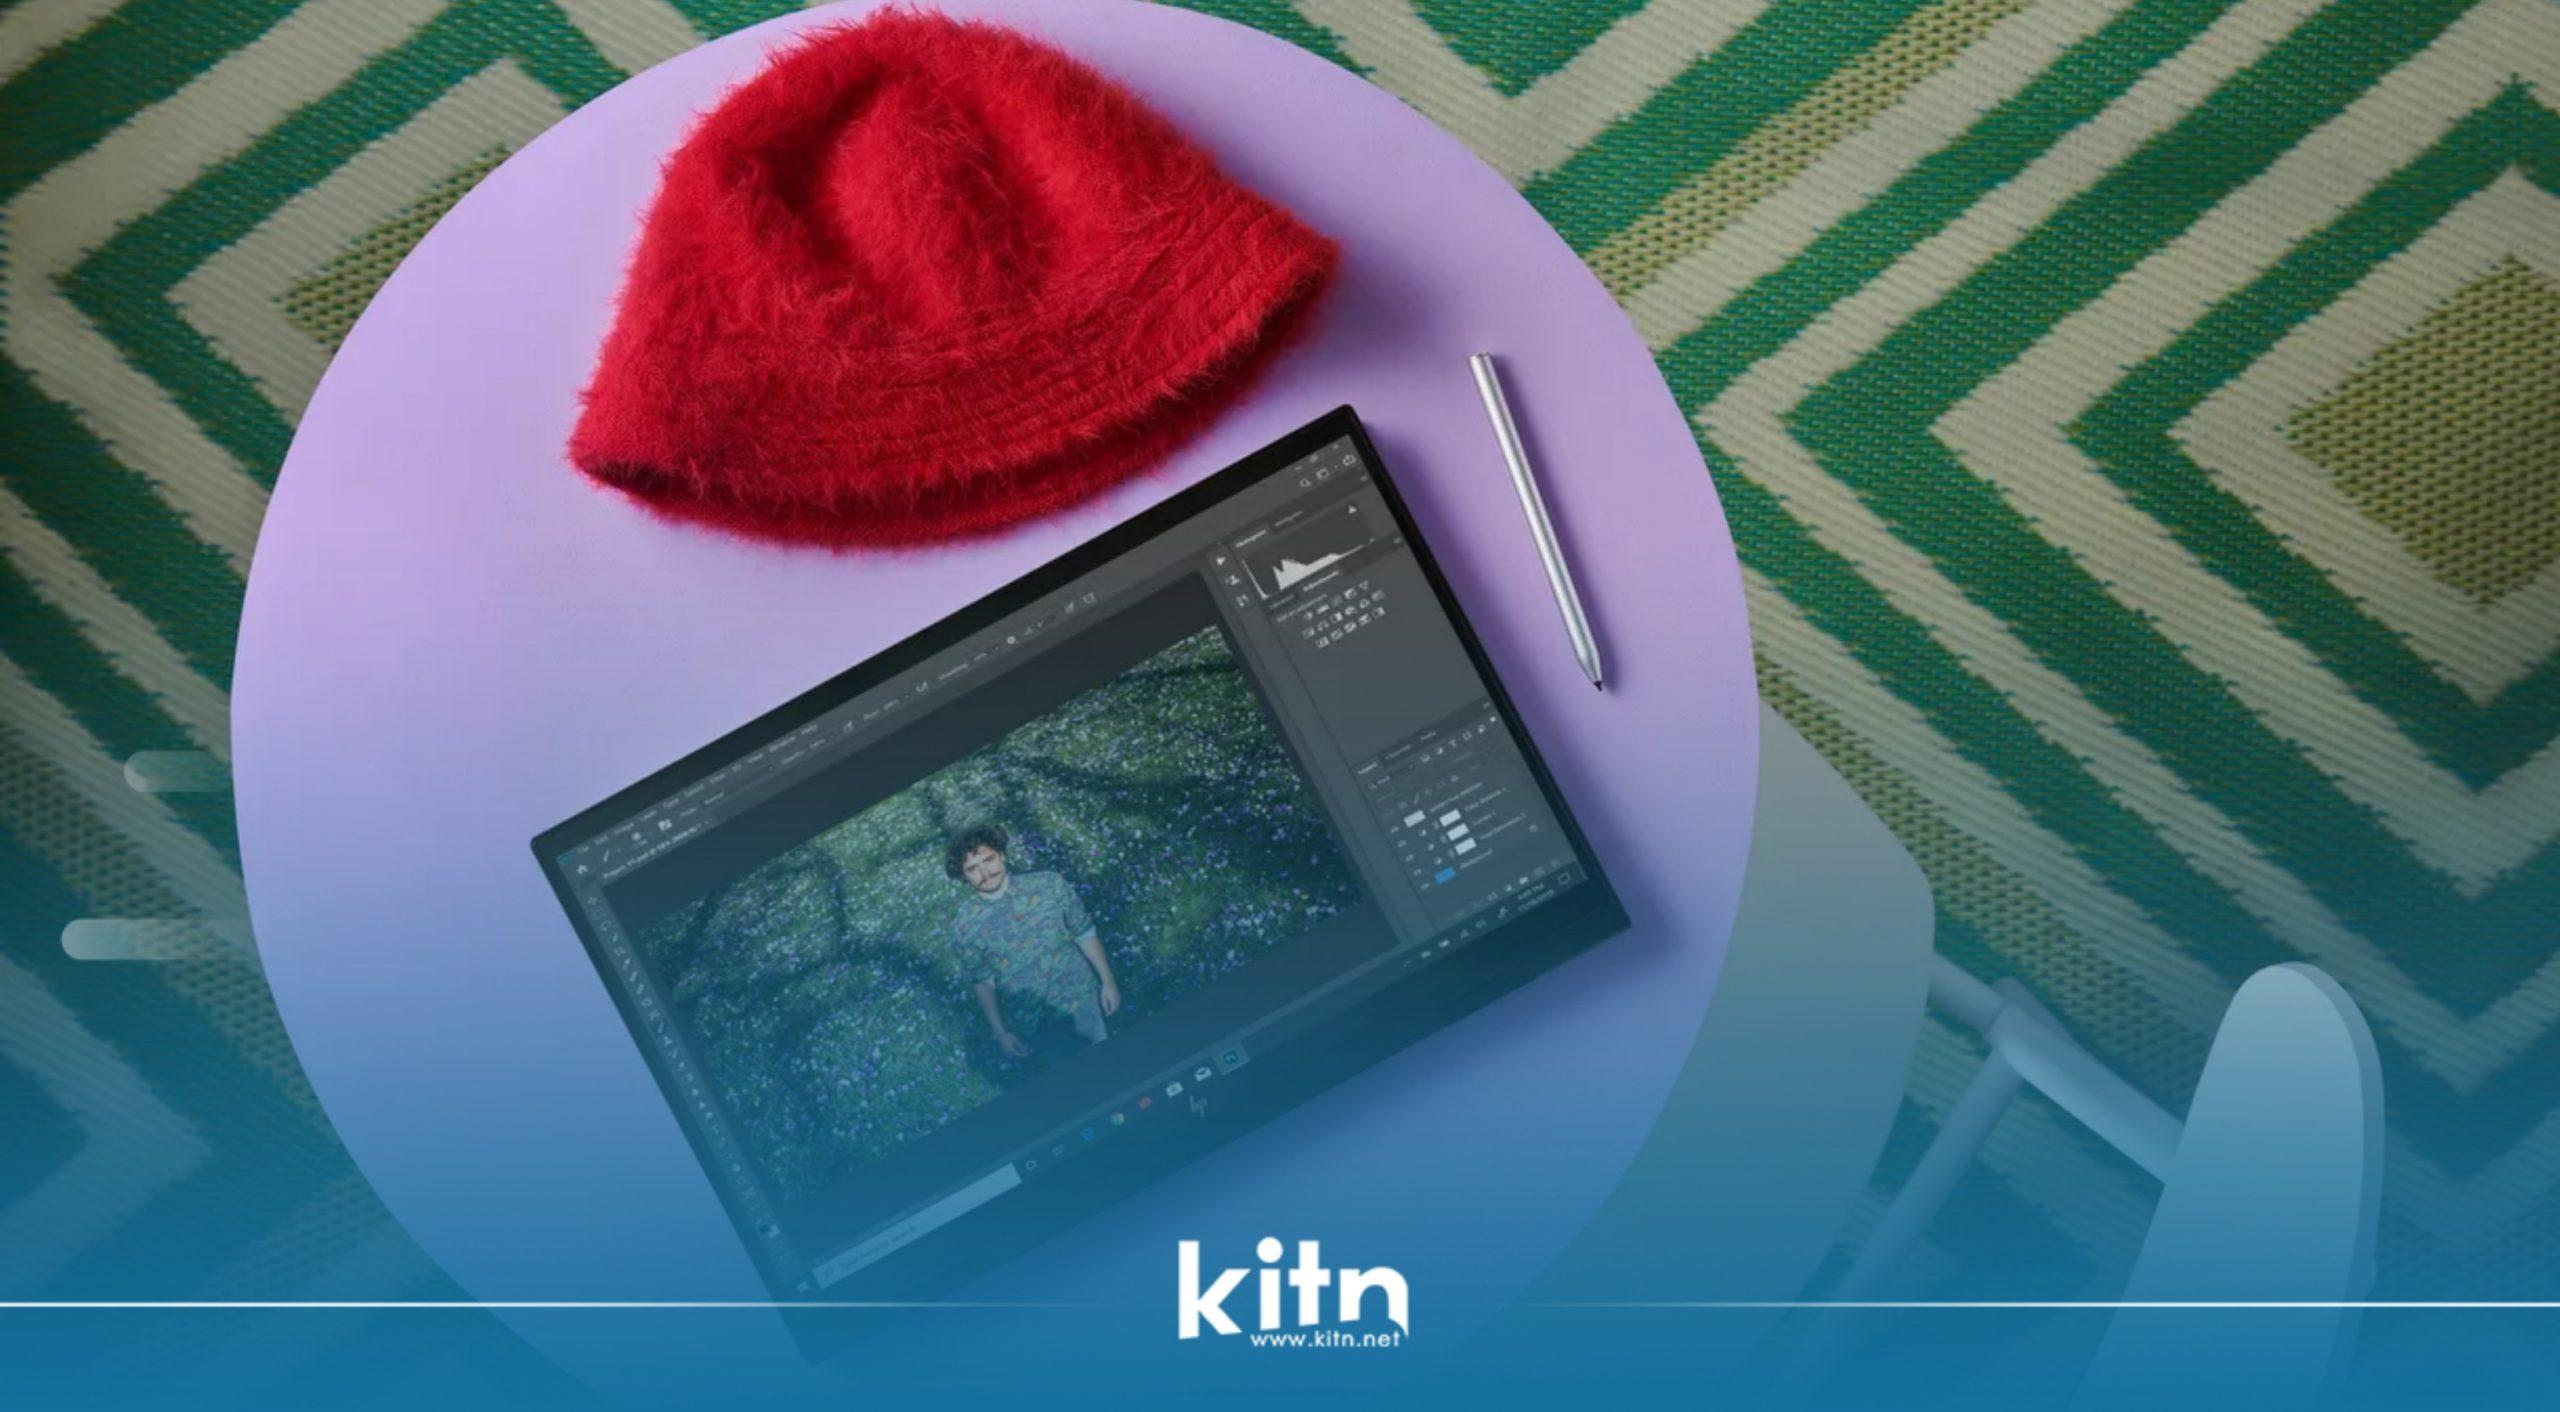 لاپتۆپی نوێی HP Envy x360 15 بە پرۆسێسەری ڕایزنەوە نرخی لە 749.99 دۆلارەوە دەست پێ دەکات